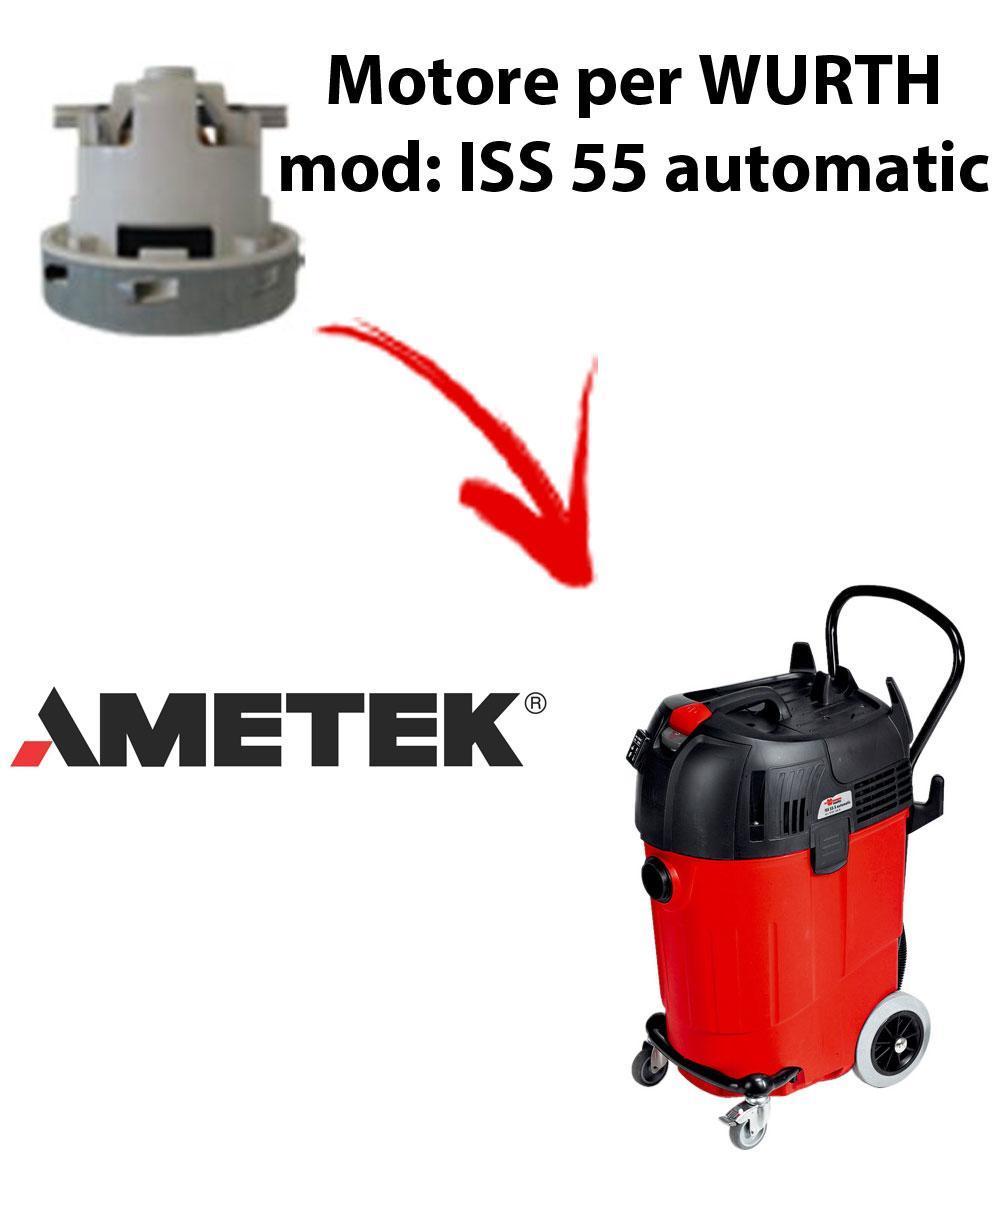 ISS 55 Automatic Saugmotor AMETEK für Staubsauger WURTH